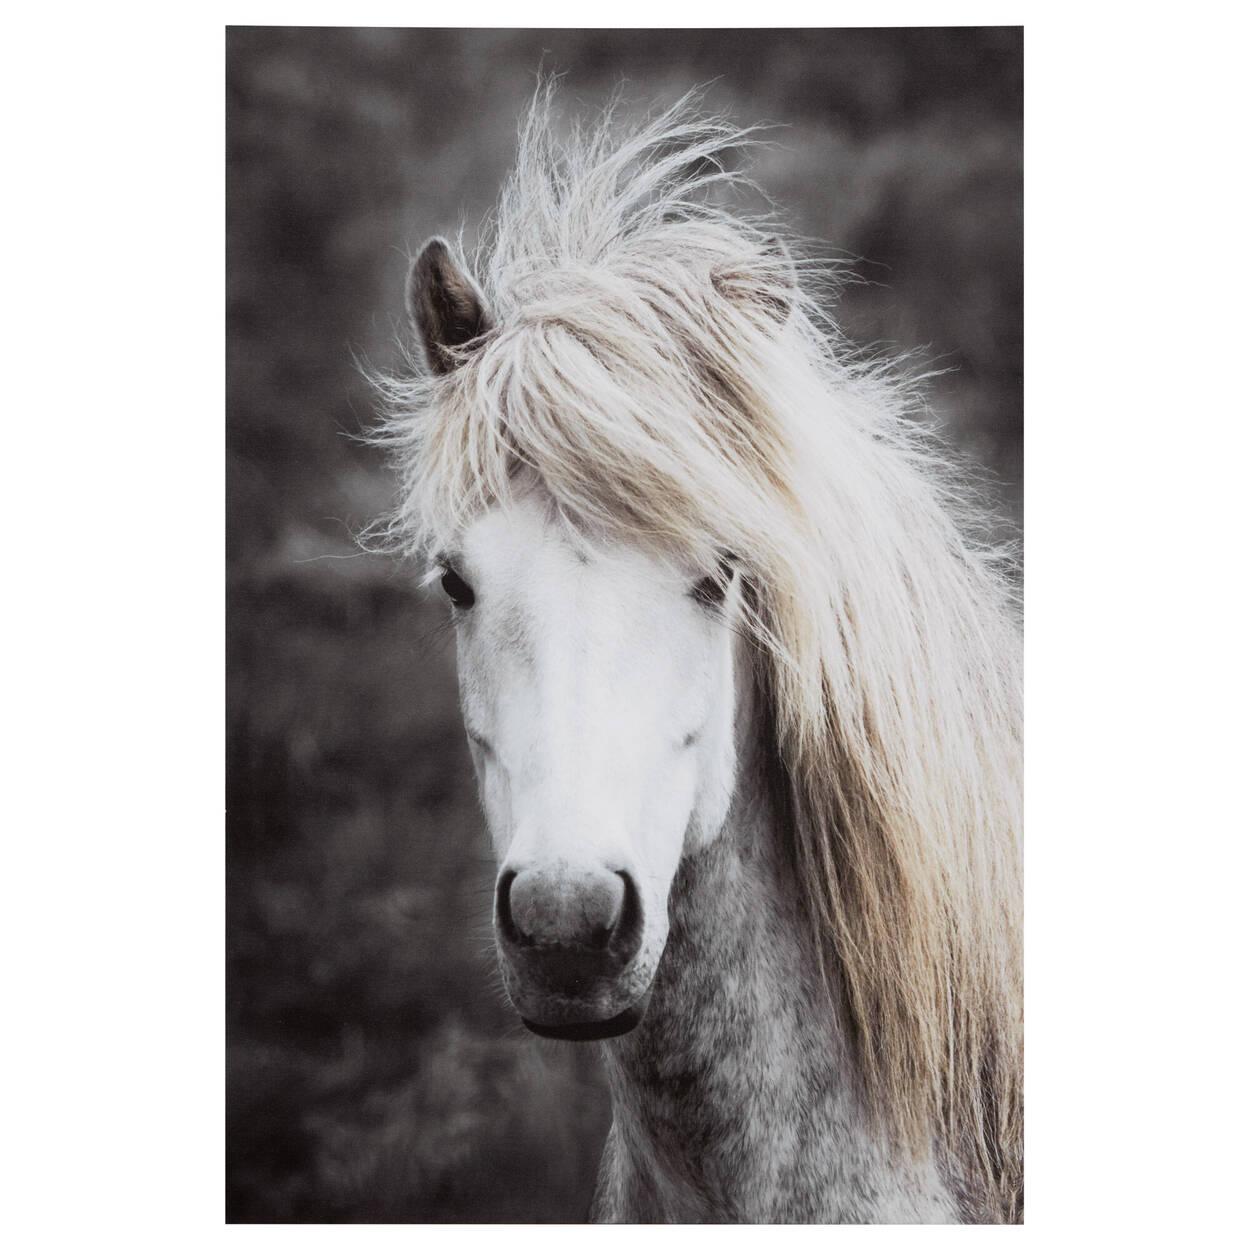 Tableau imprimé d'un cheval à longue crinière